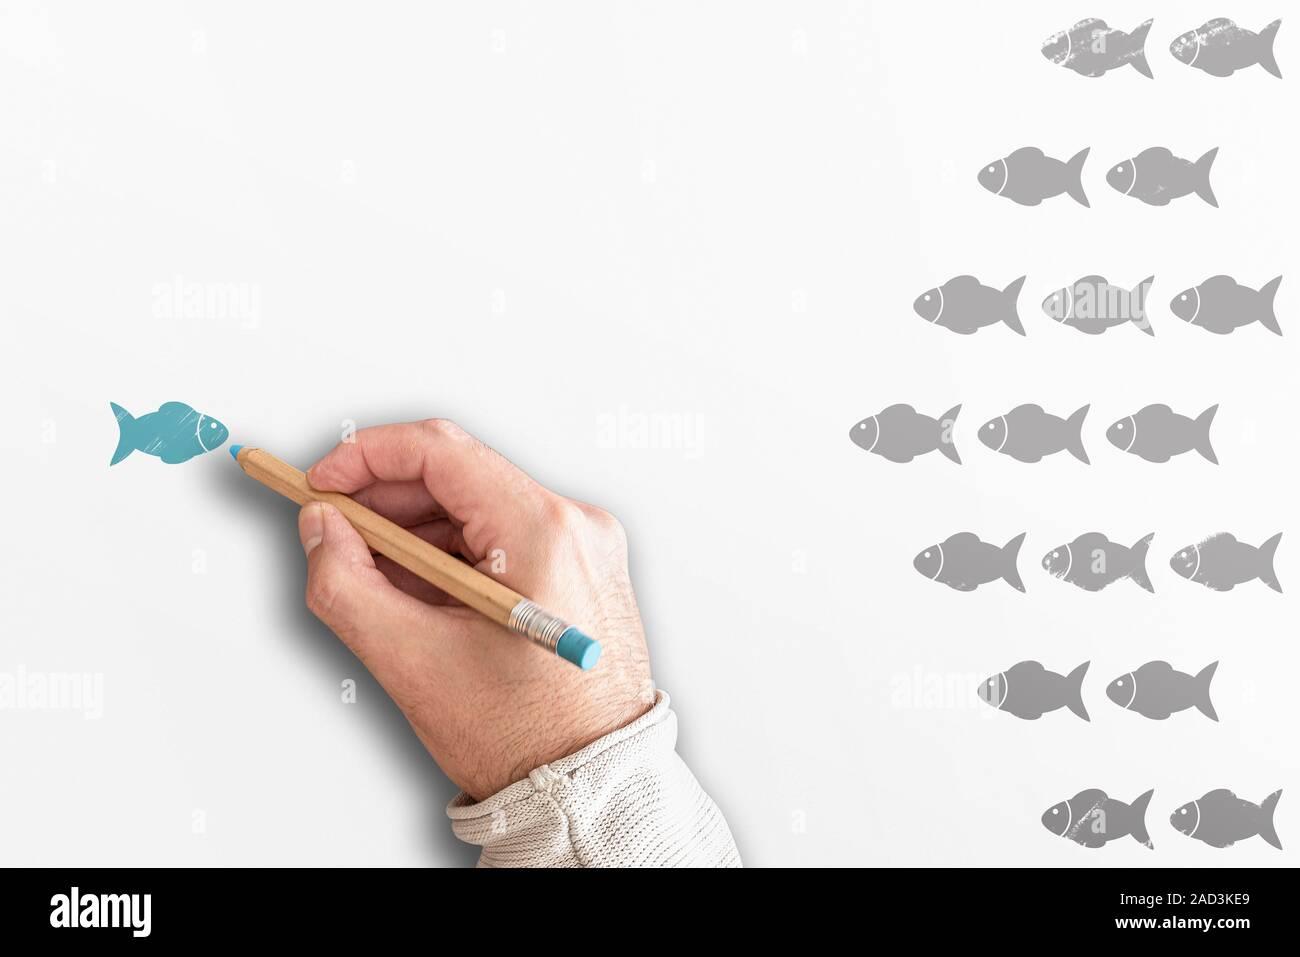 A partir de la multitud de pie o el concepto de liderazgo con el grupo de peces que van en una dirección y uno va en la dirección opuesta Foto de stock